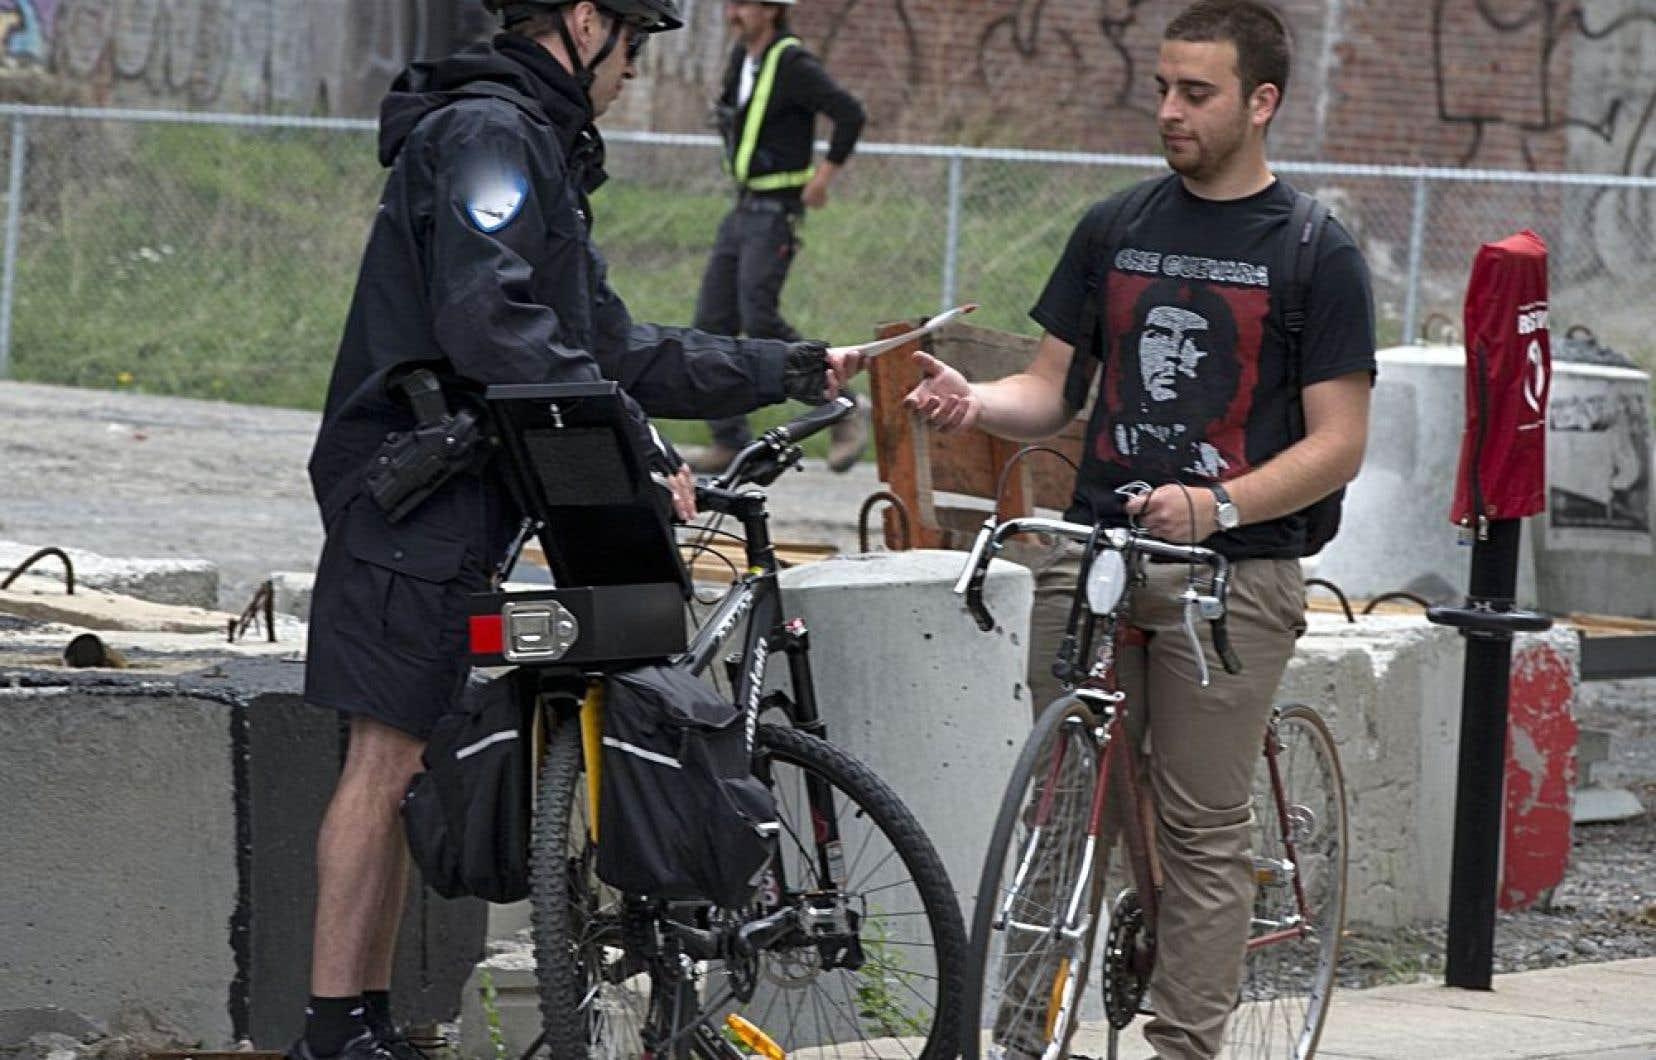 La police de Montréal s'installe à une intersection achalandée et donne des contraventions aux cyclistes jugés délinquants…